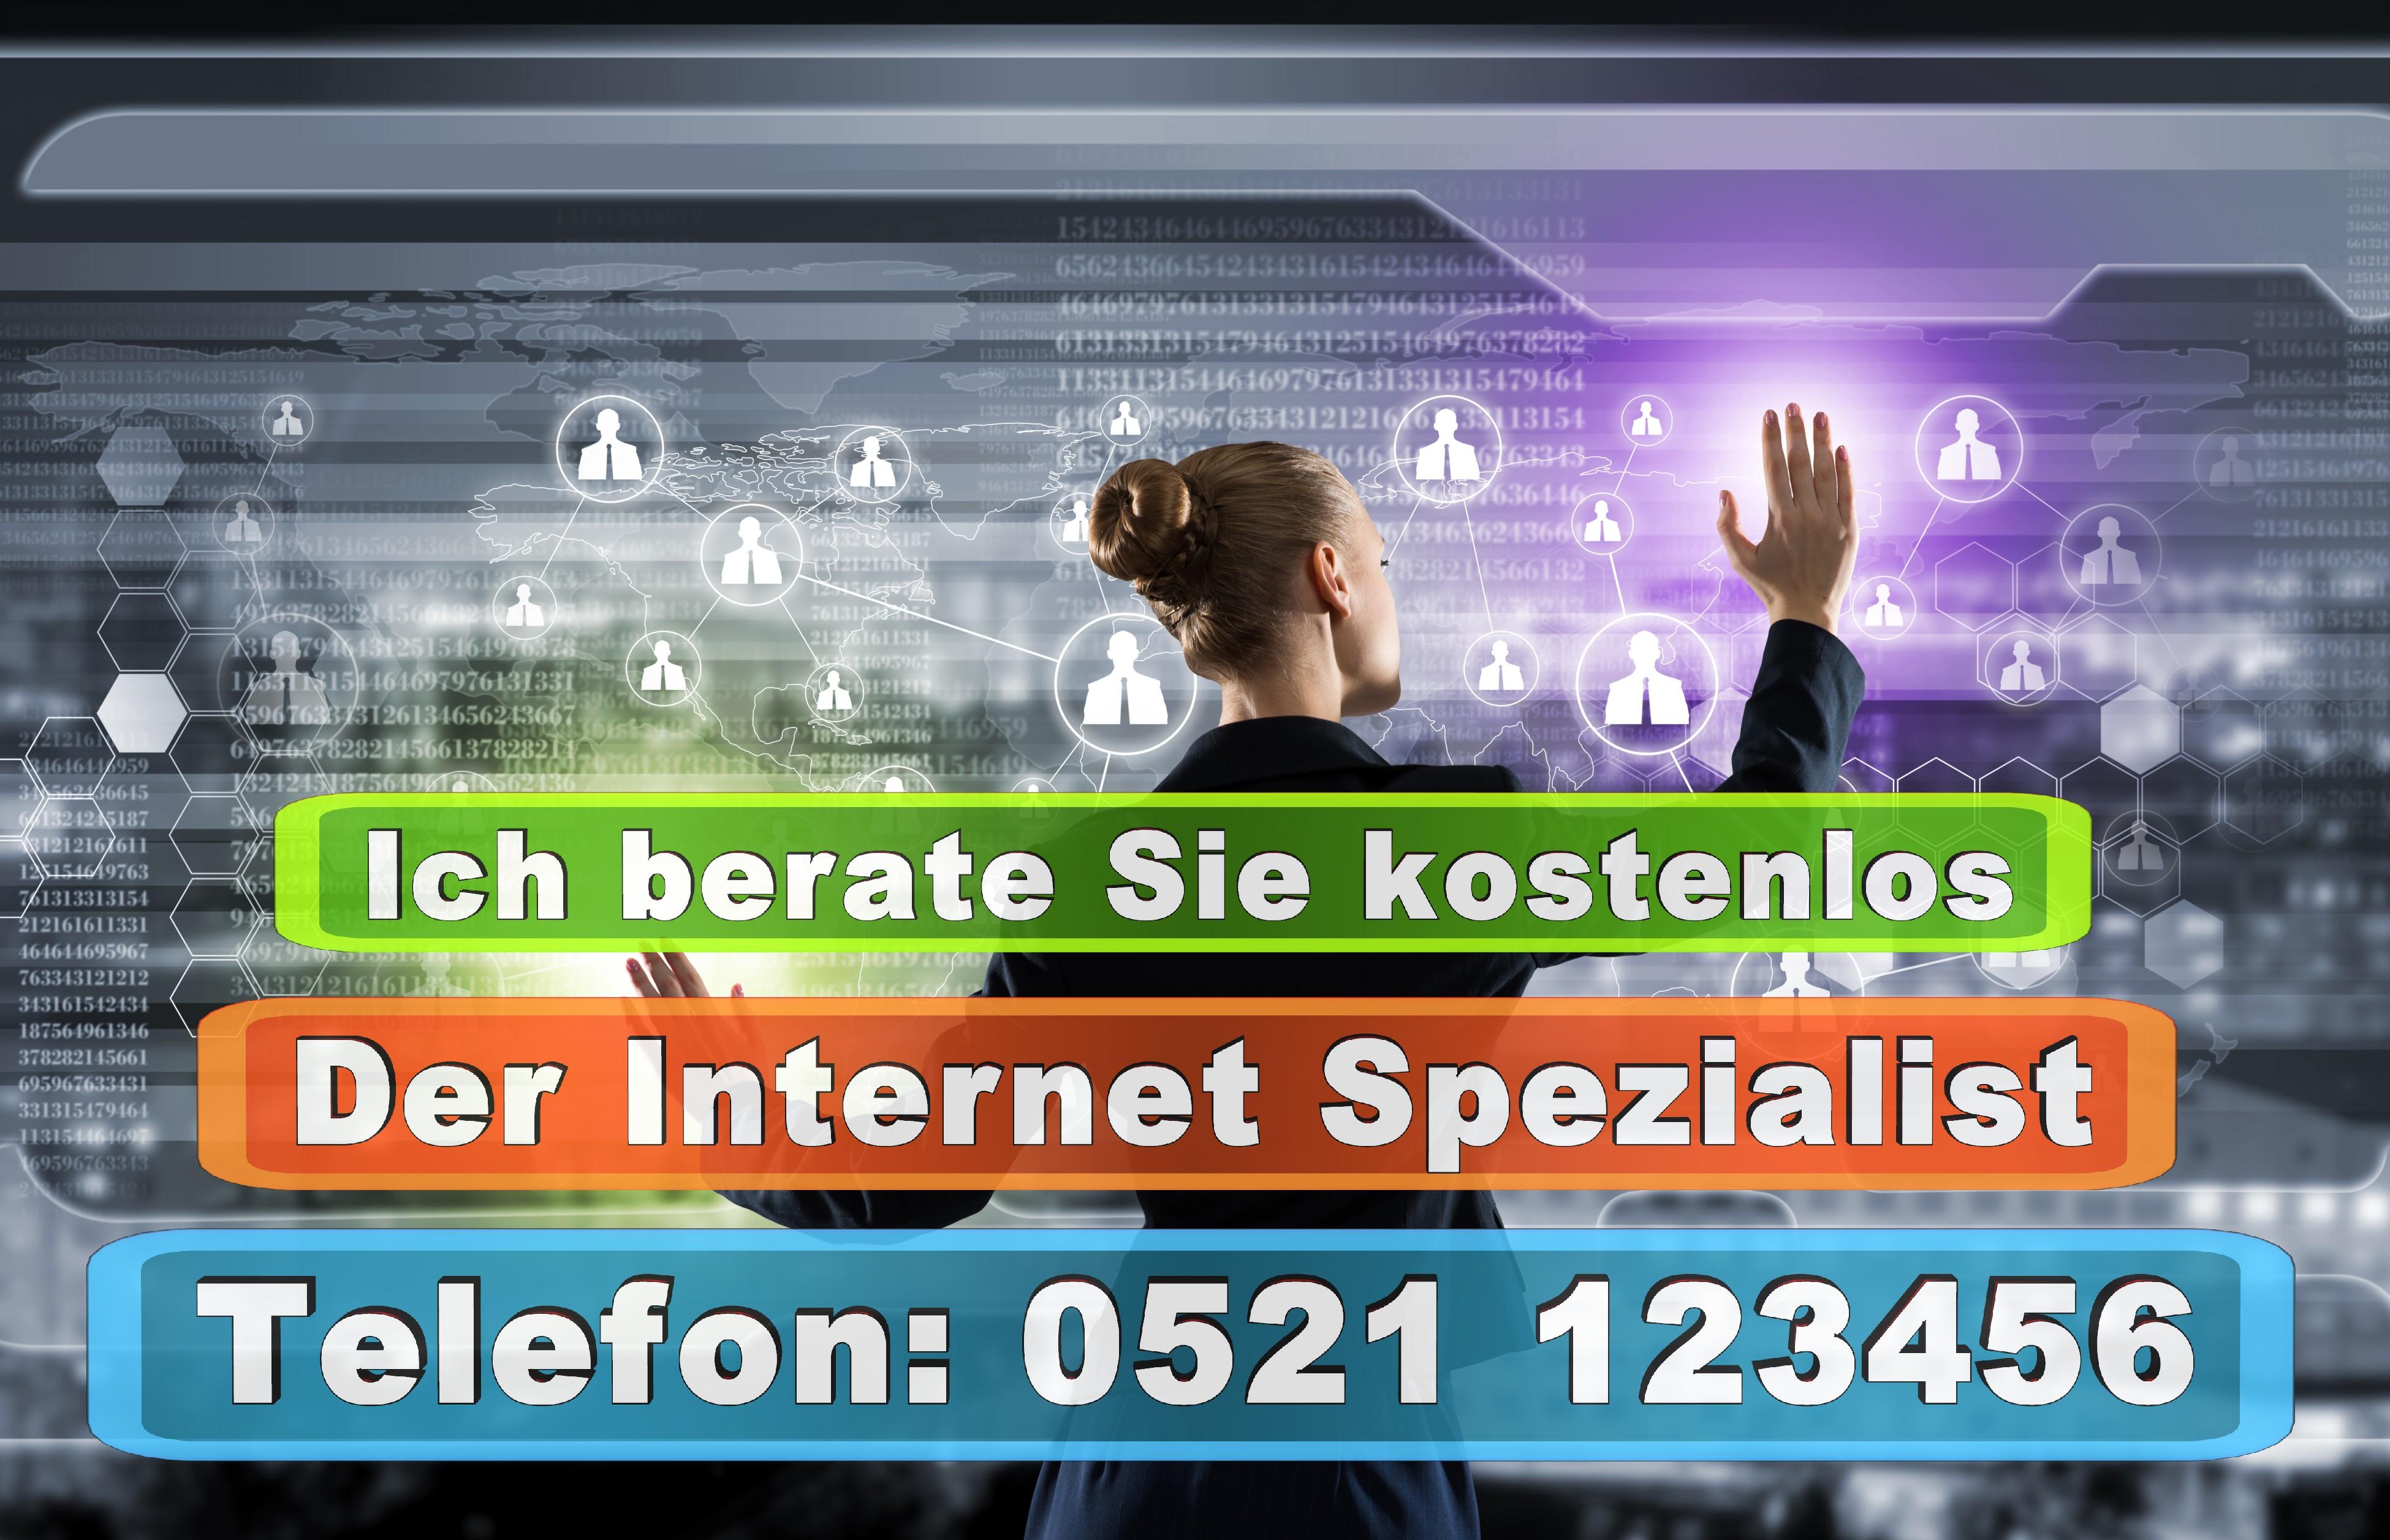 Bielefeld Werbeagenturen Druckereien Werbeplakate Print Druck Internet Computer Grafiker Designer Mode Geschäfte Bekleidung (9)